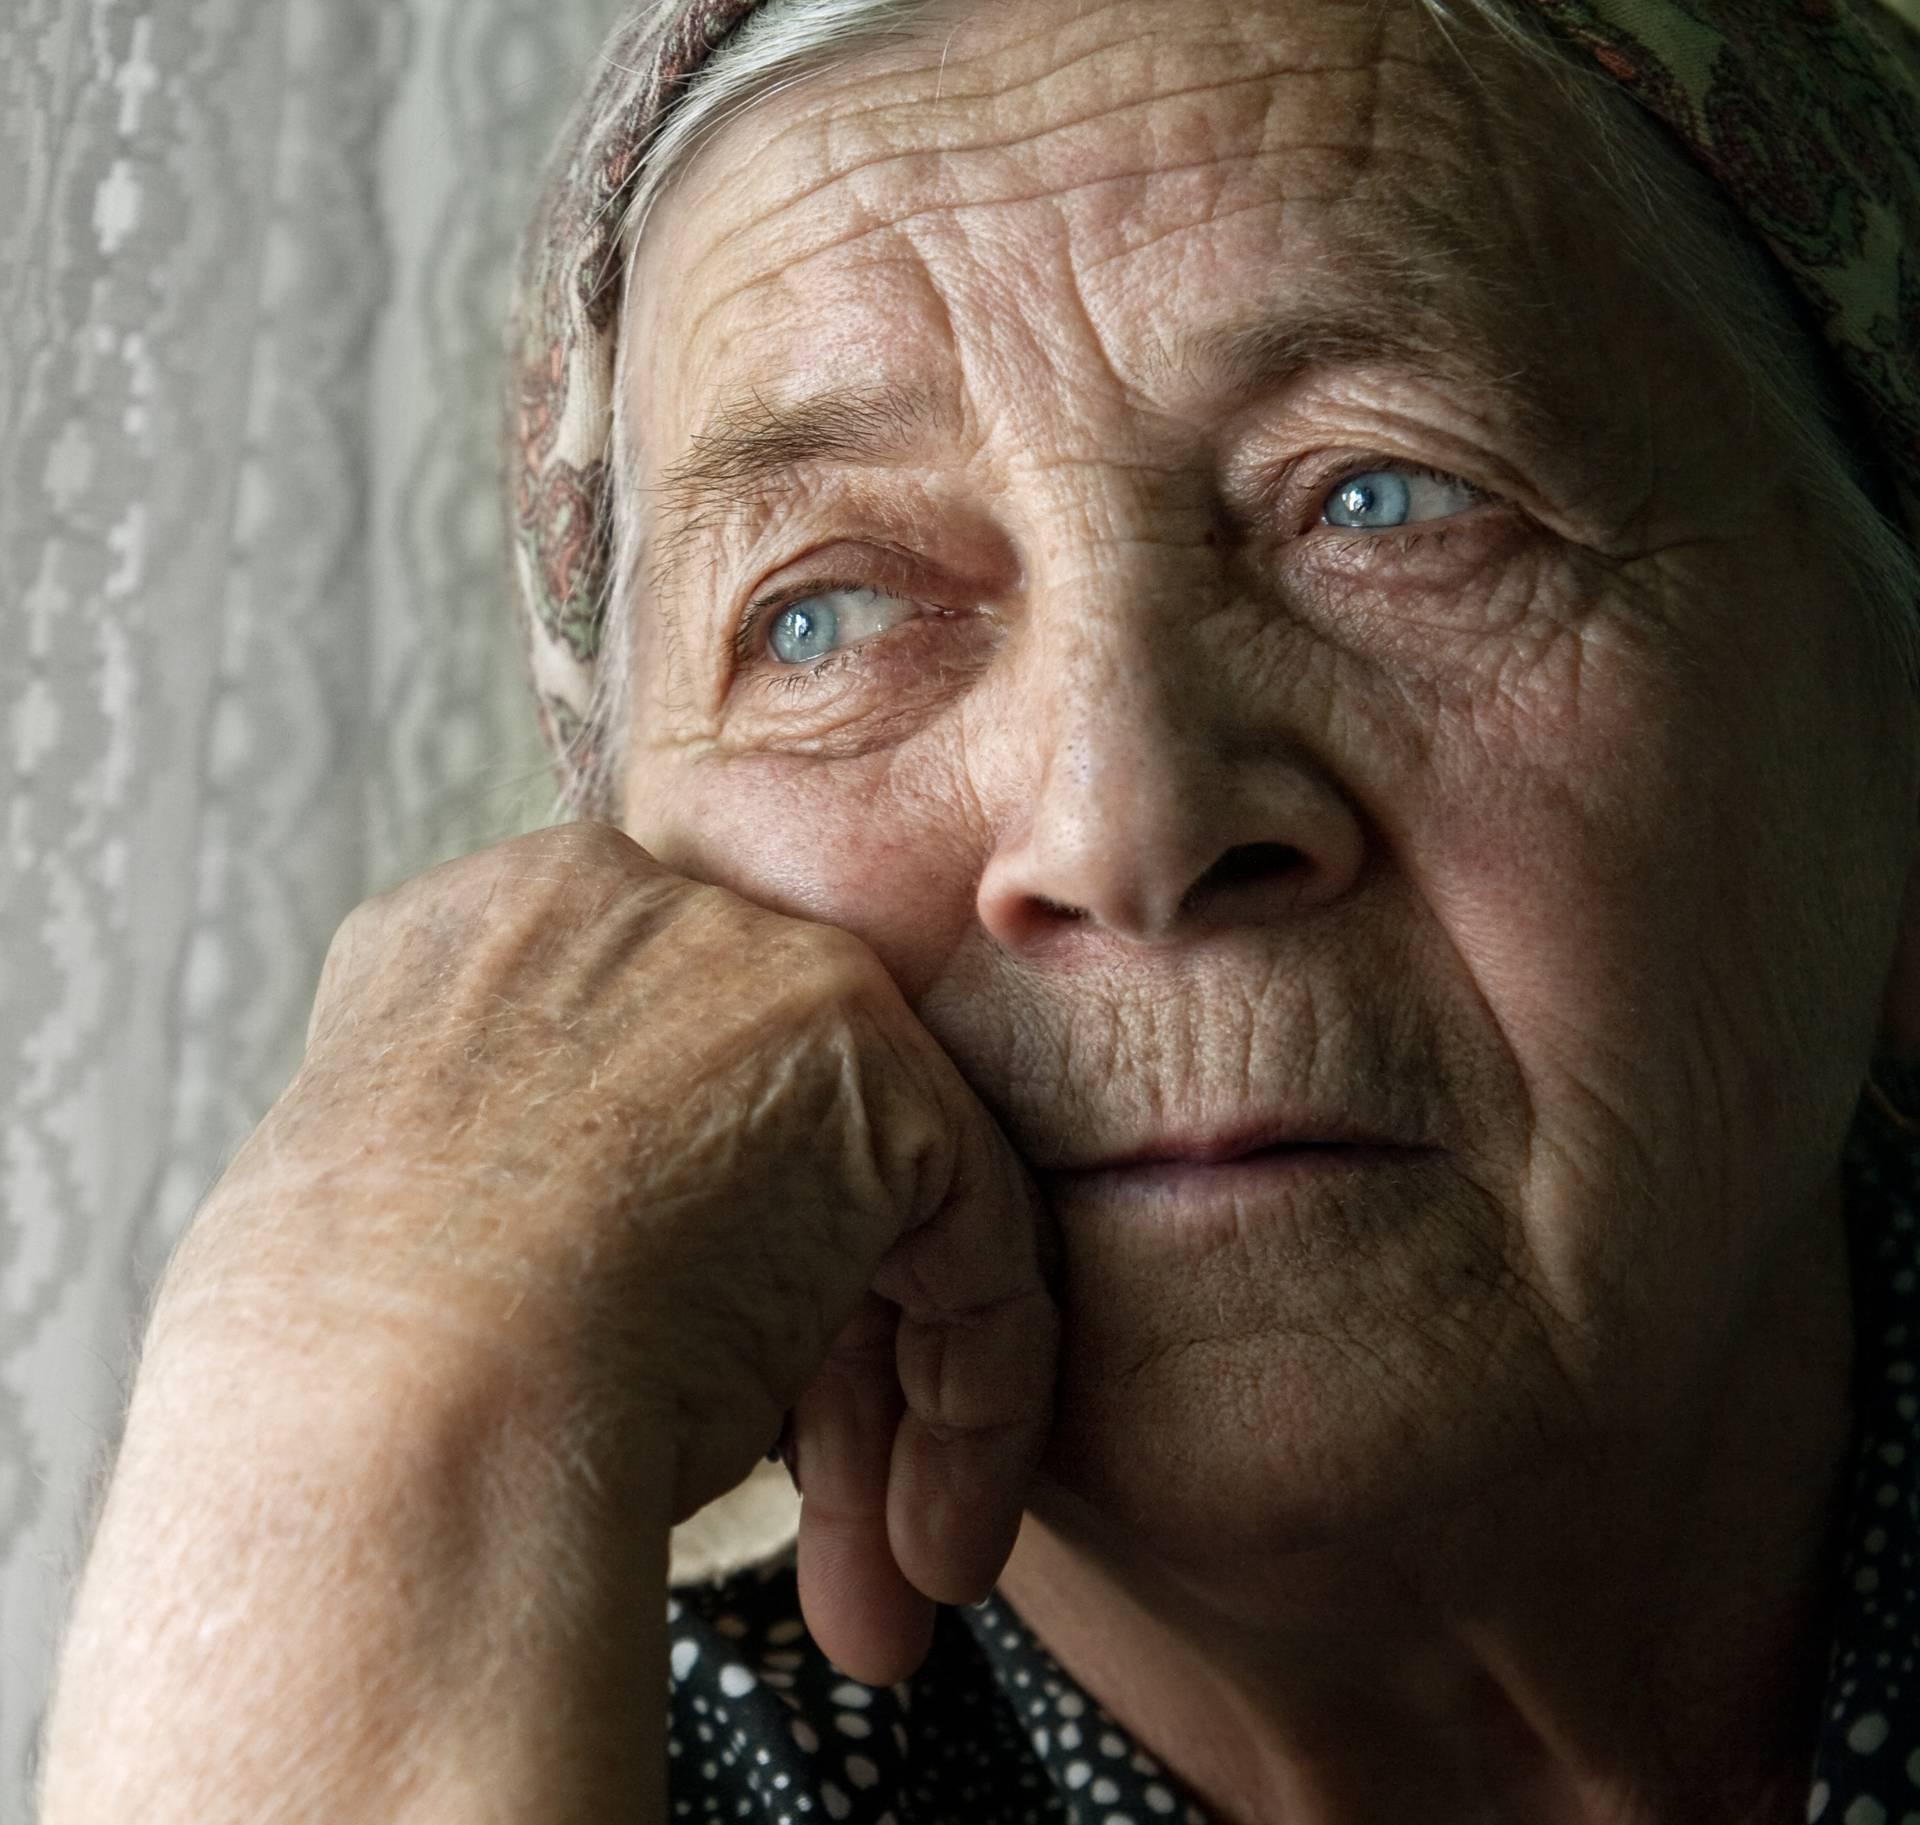 'Snaha okreće unuke protiv mene, a trpim zbog djece i sina'